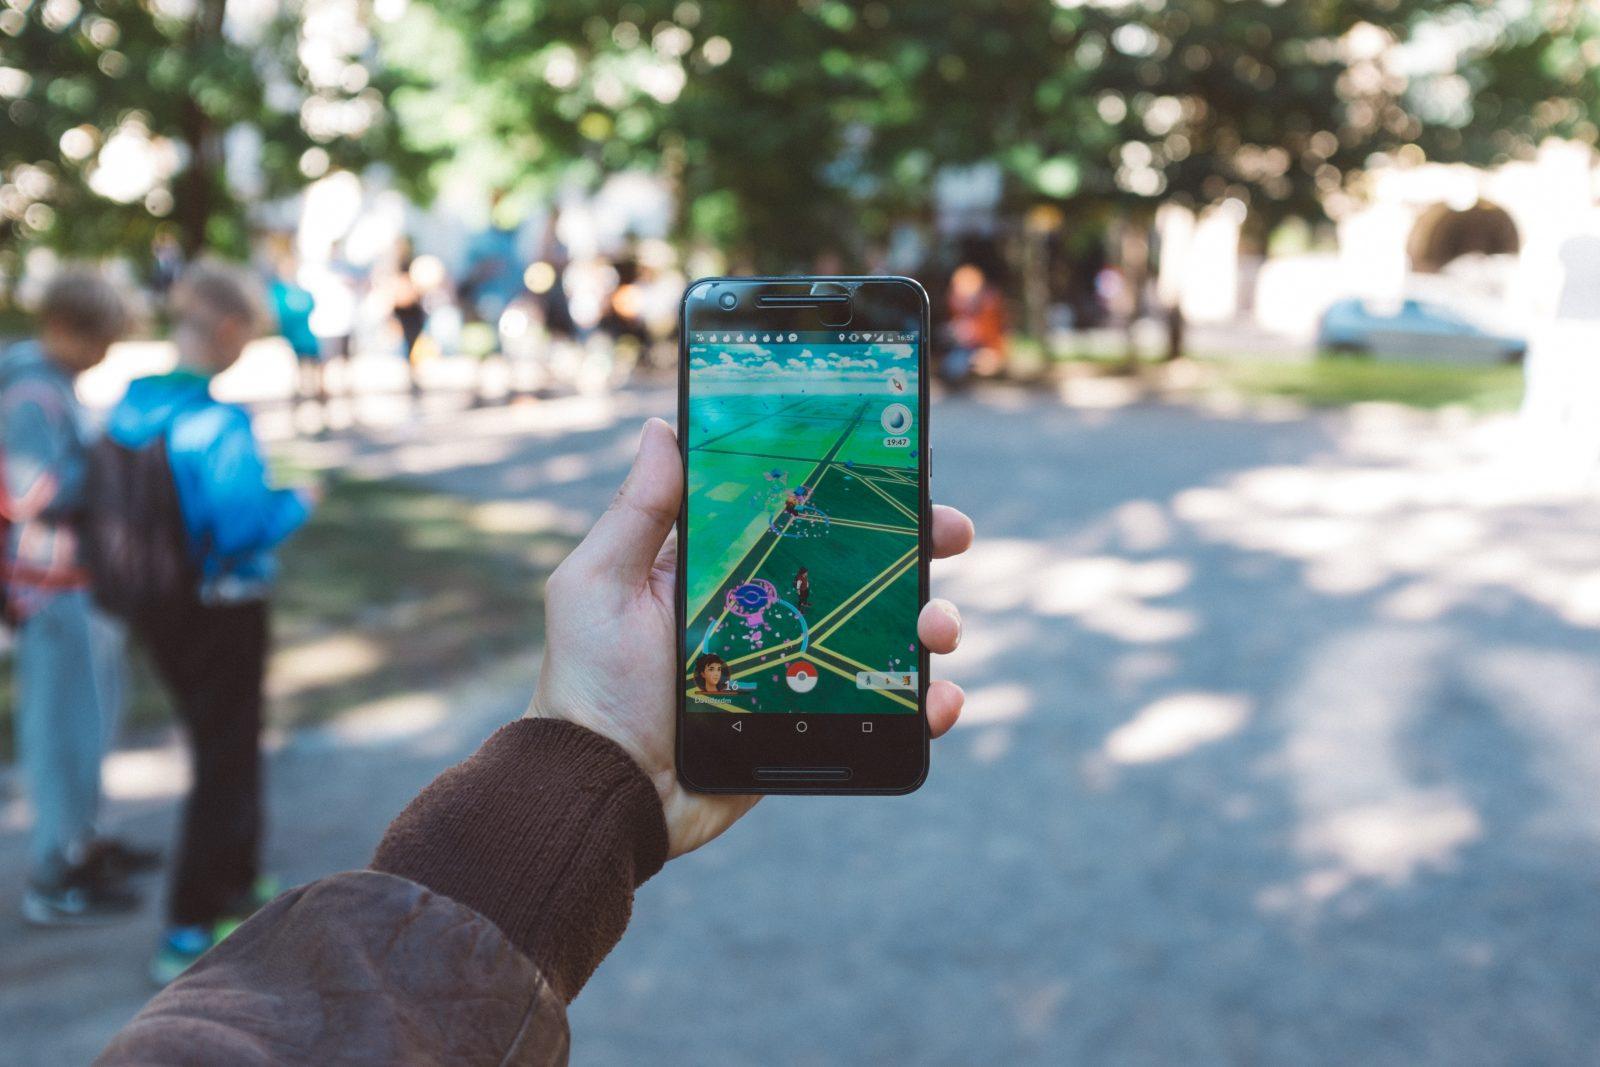 Kädessä pidetään pihalla puhelinta, jossa on auki Pokemon Go.